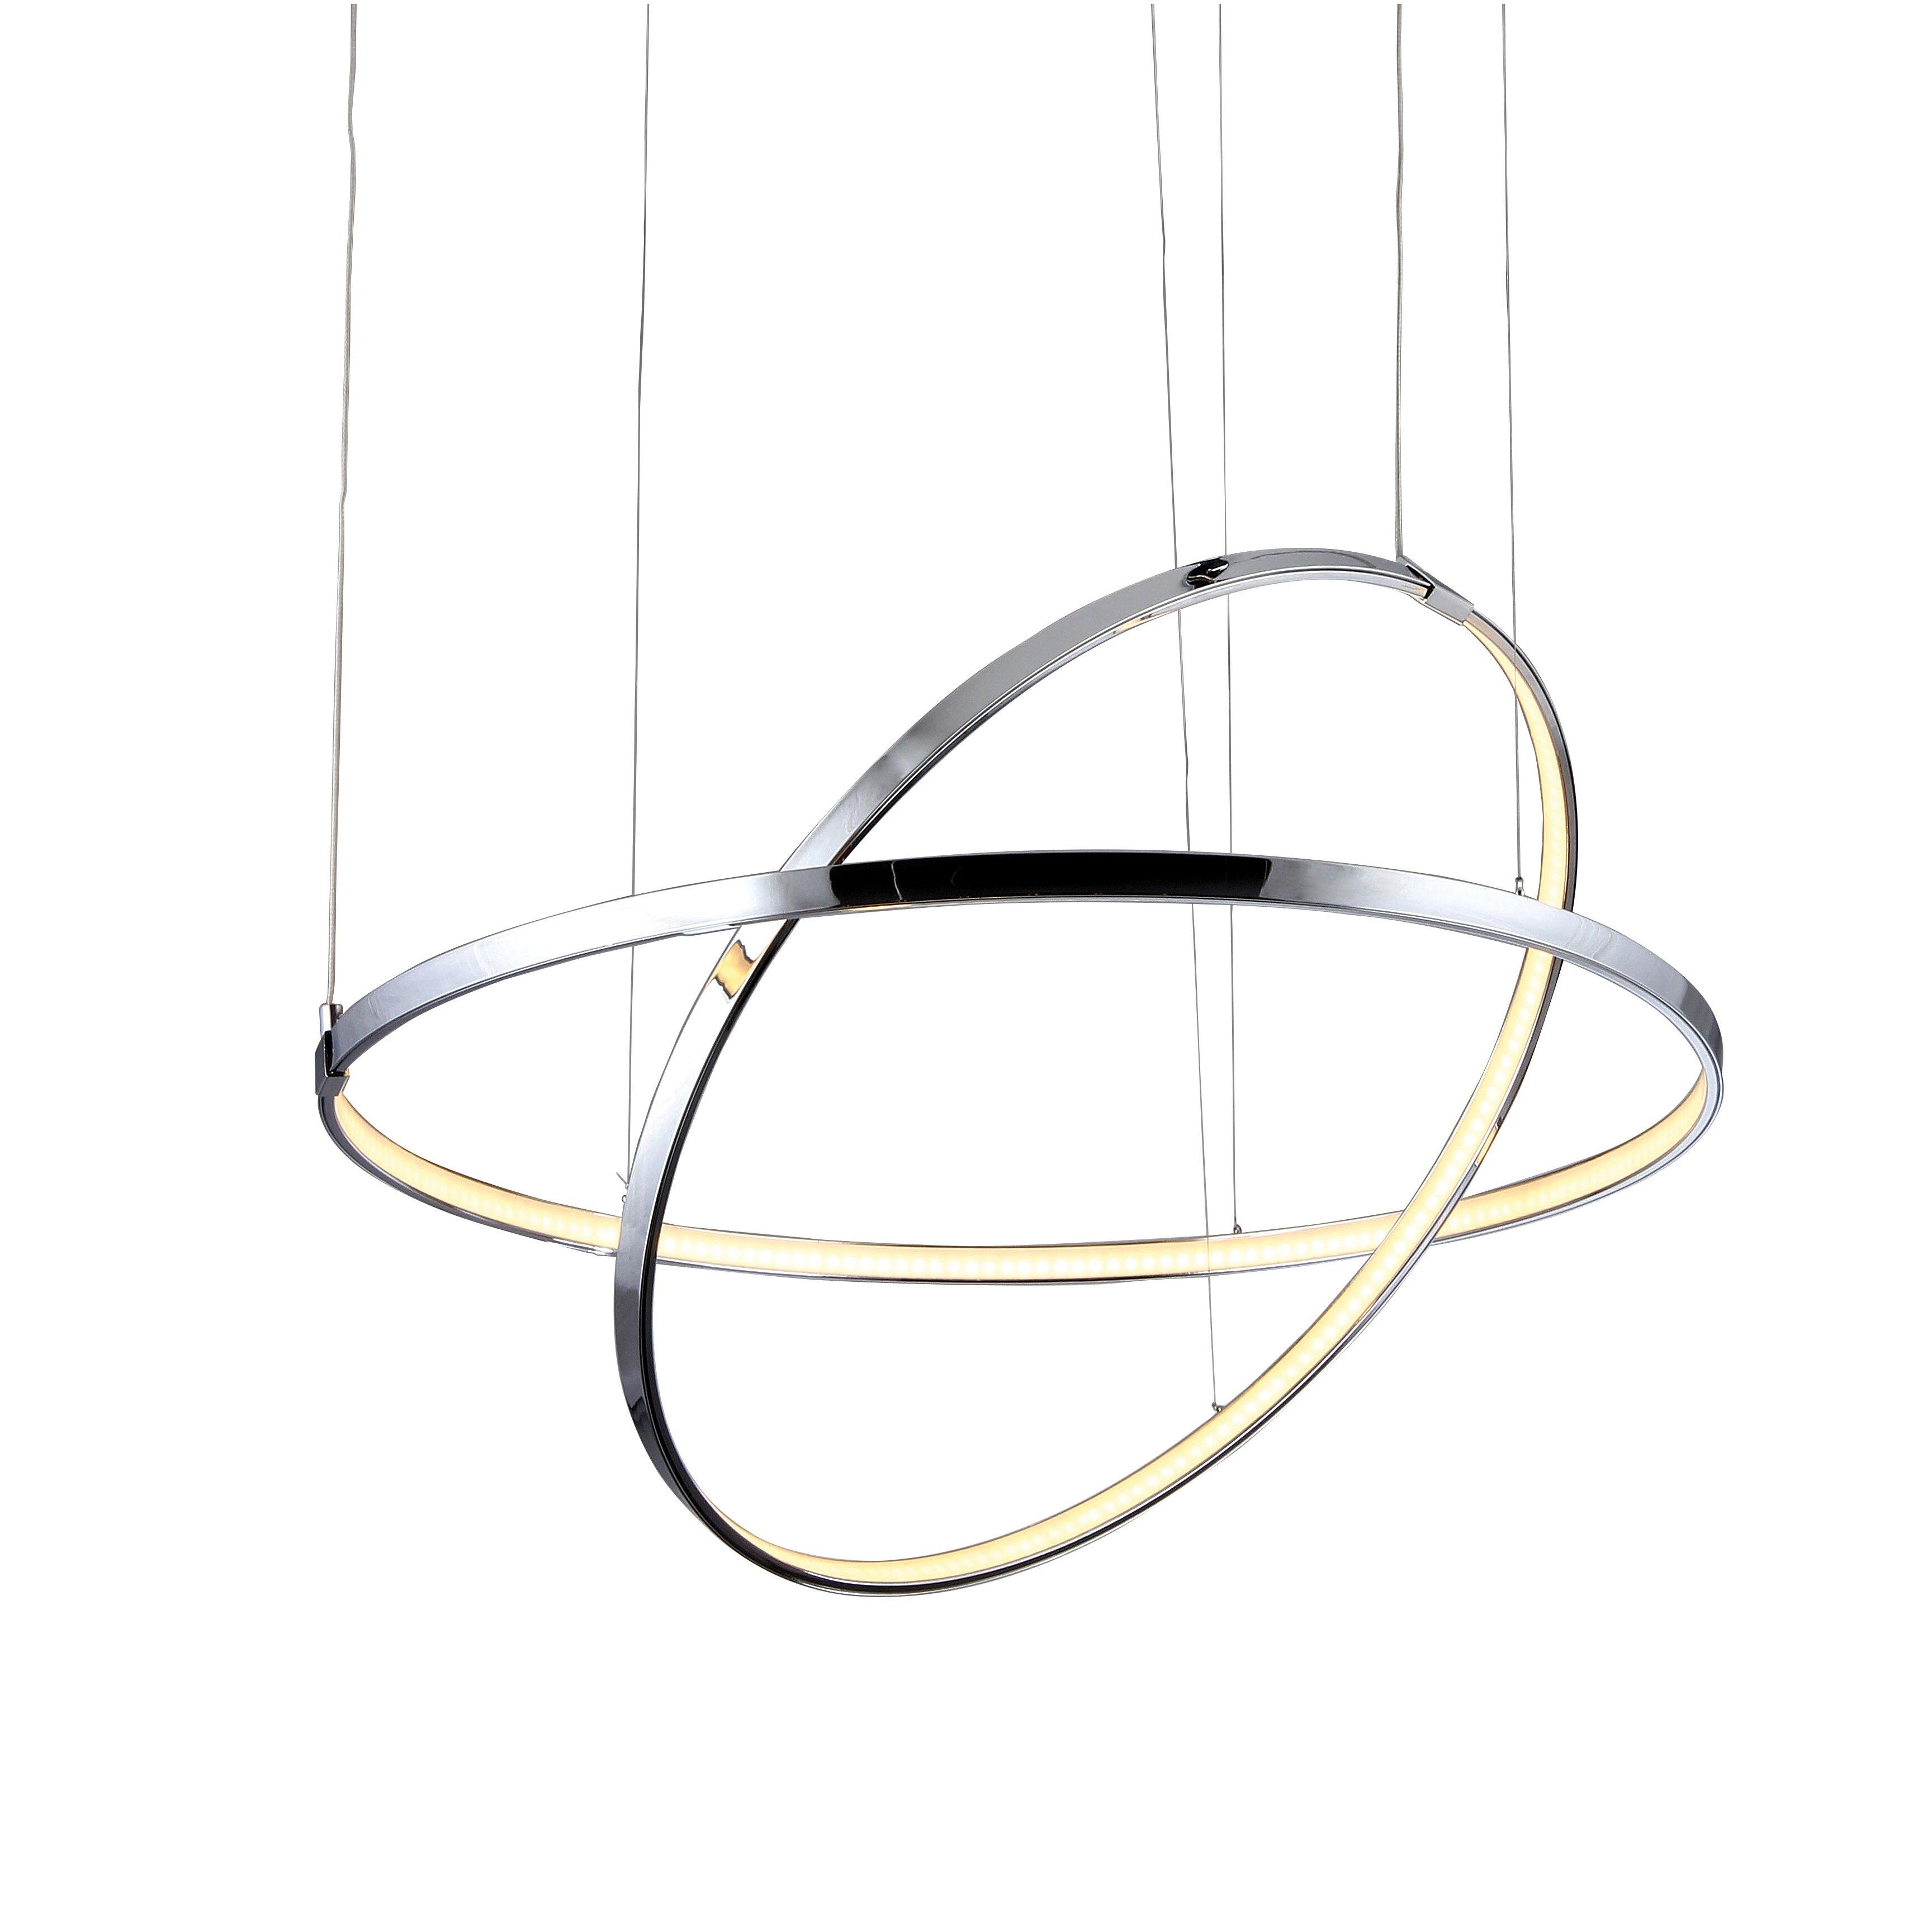 ledlam pendelleuchte 2 flammig omega. Black Bedroom Furniture Sets. Home Design Ideas